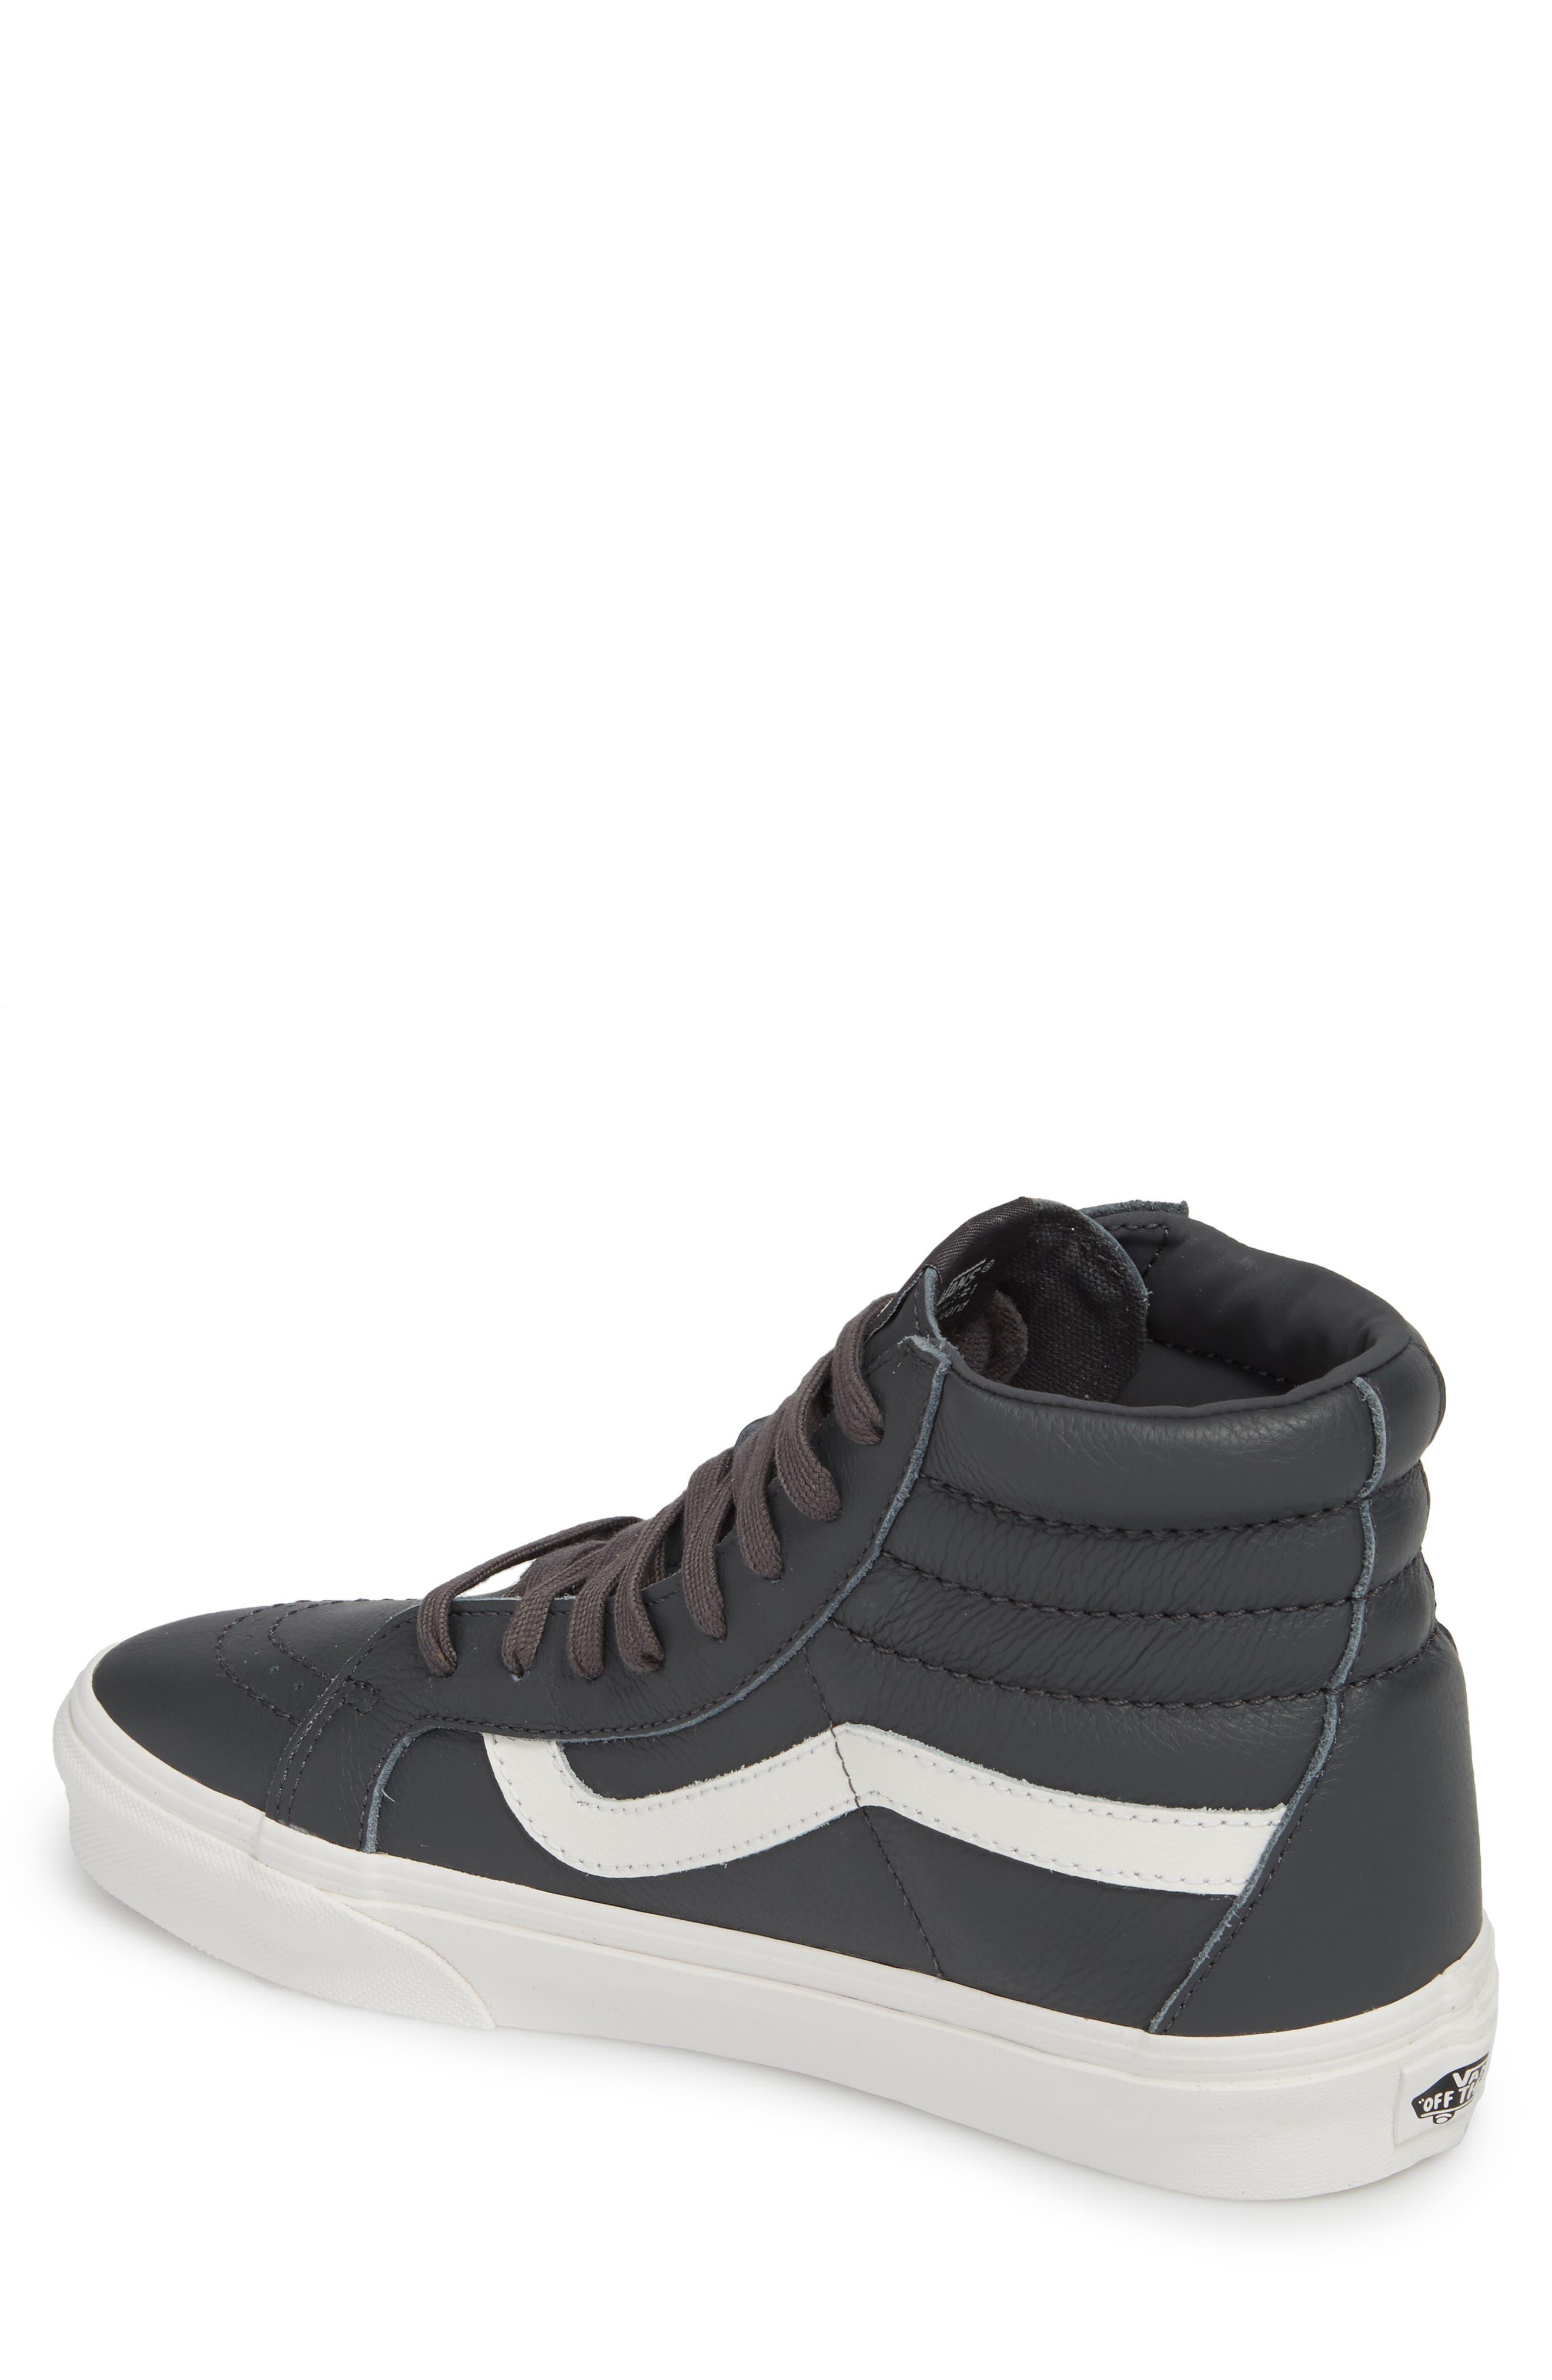 Sk8-Hi Reissue Leather Sneaker,                             Alternate thumbnail 2, color,                             020